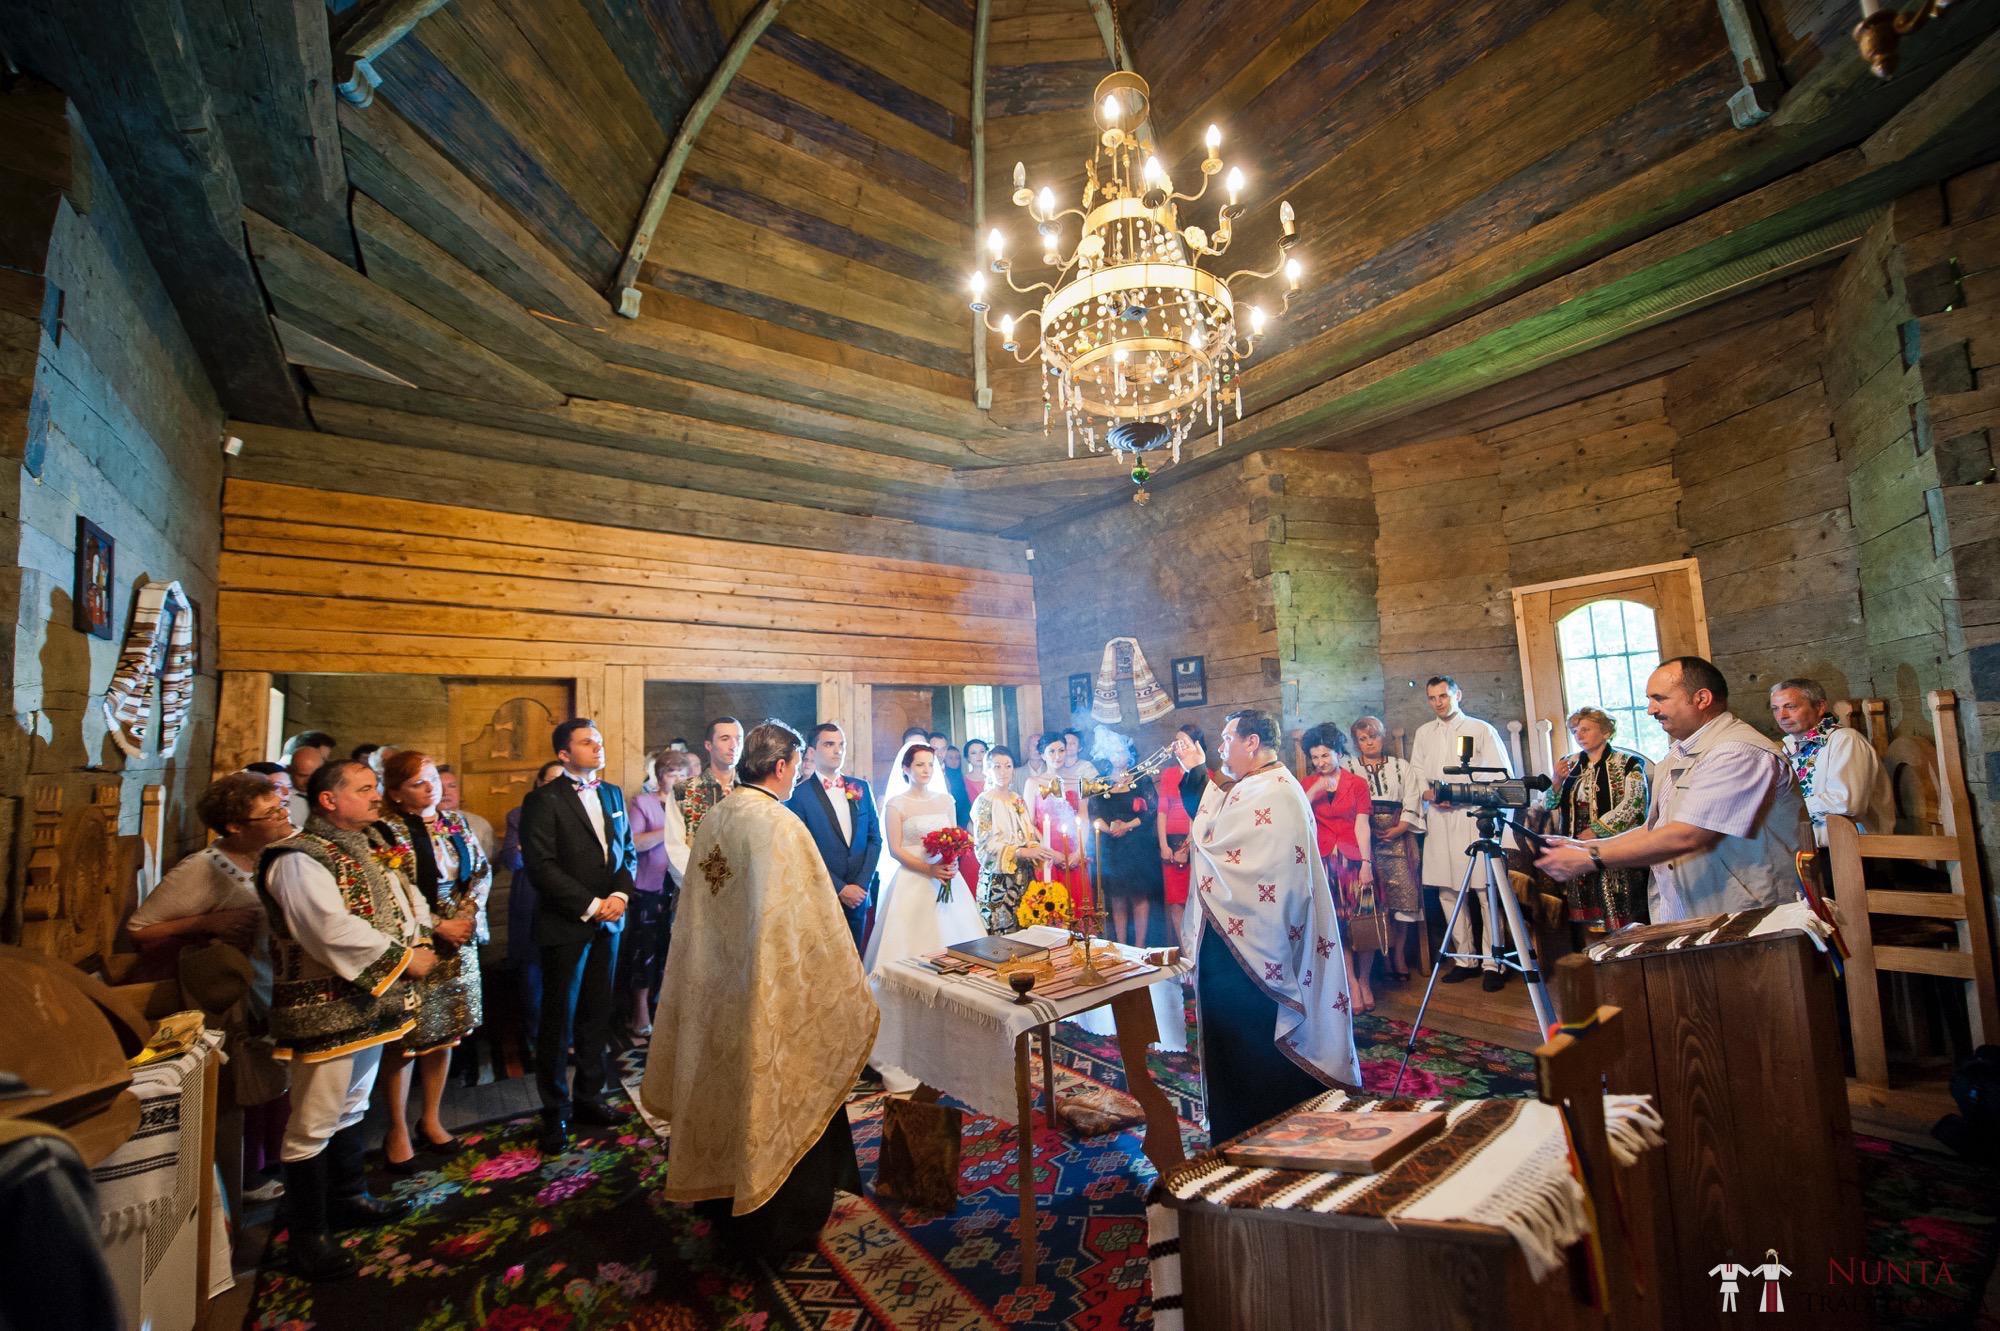 Povești Nunți Tradiționale - Gabriela și Mădălin - Nuntă Tradițională în Suceava, Bucovina 62